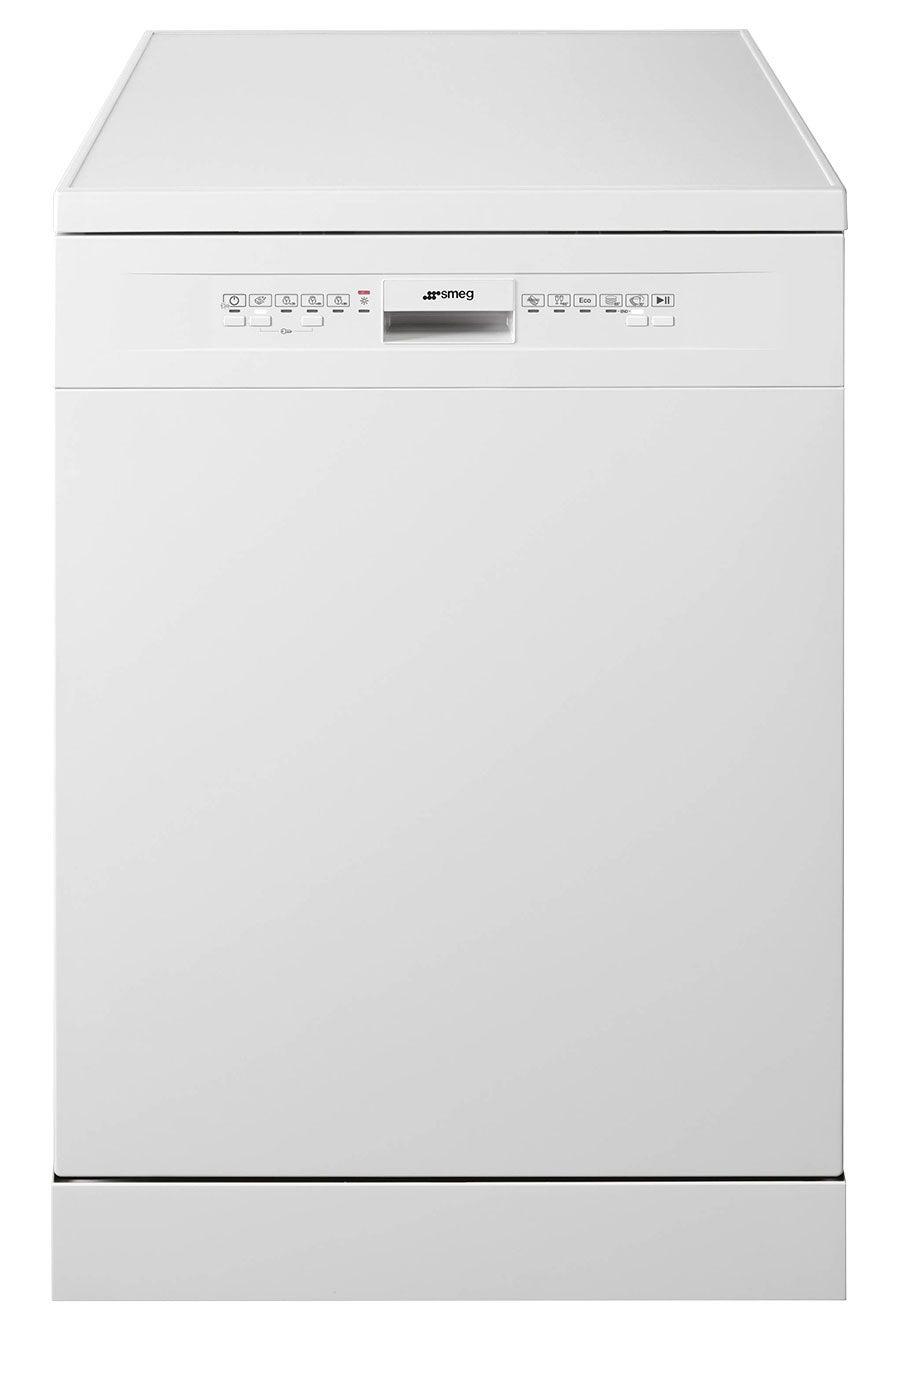 Smeg DWA6214W2 Dishwasher